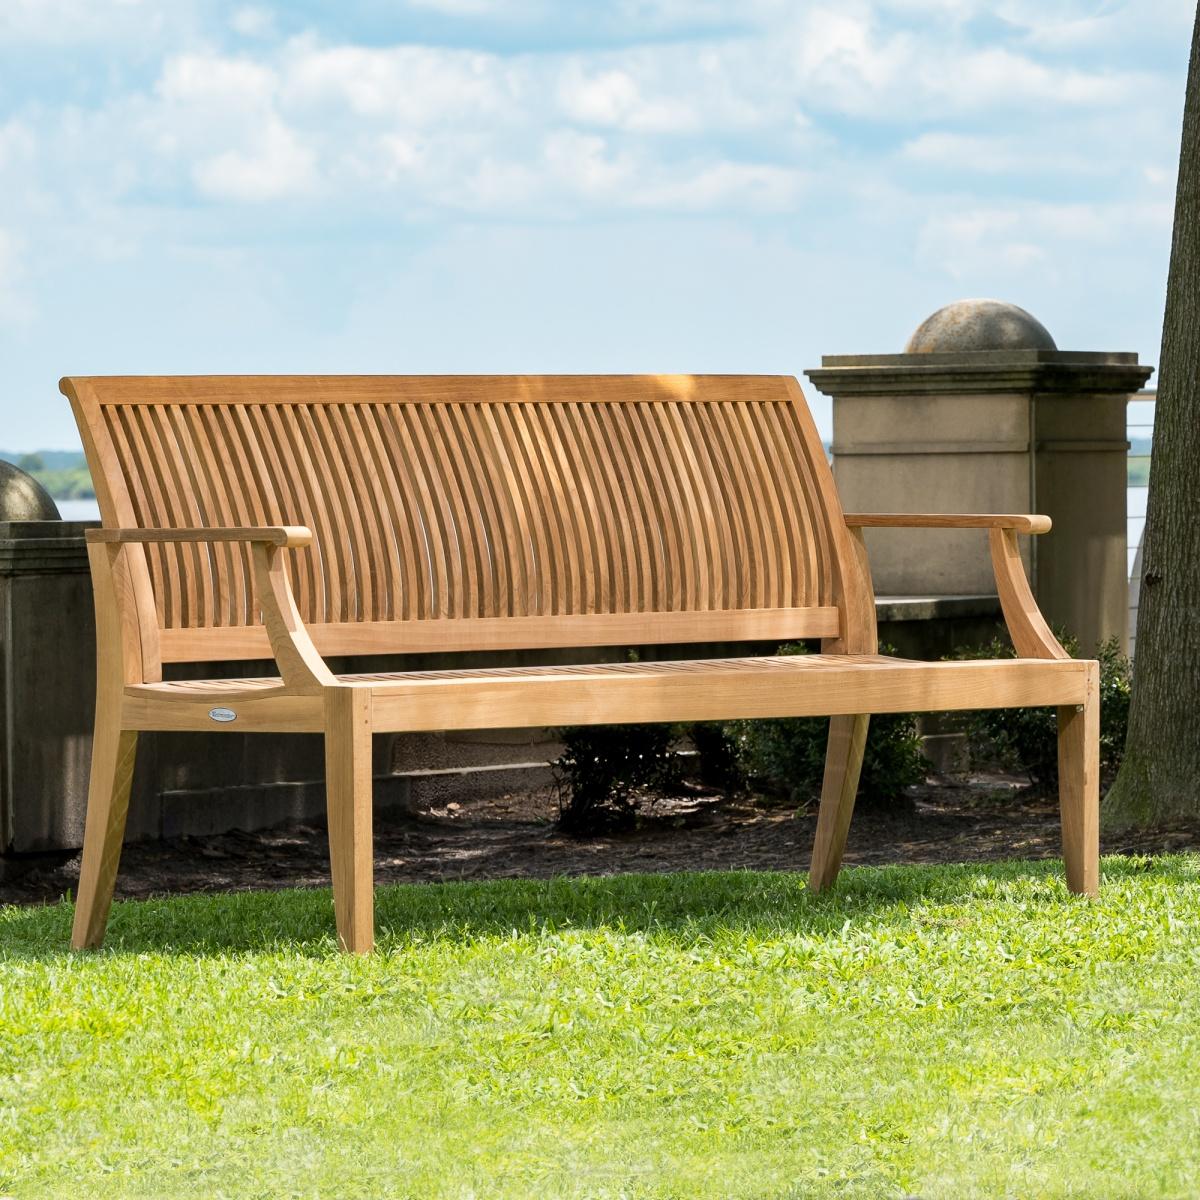 Laguna Teak Outdoor Bench 5 Ft Commercial Grade